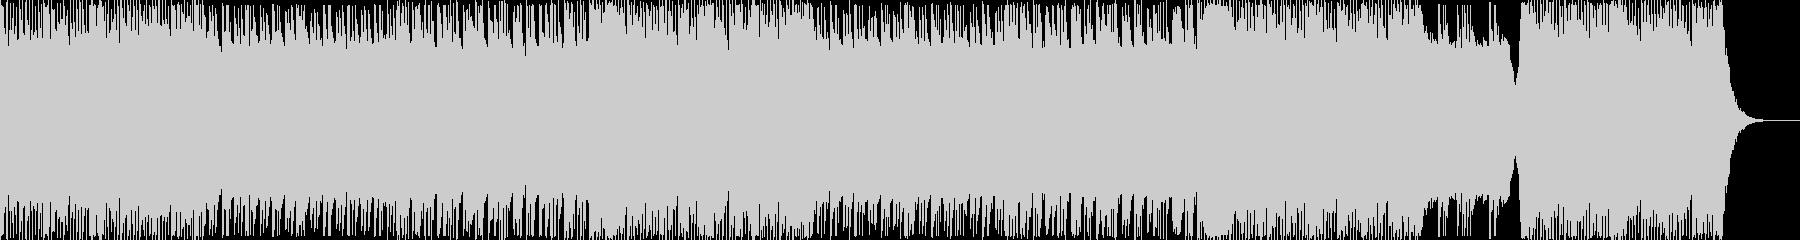 民族系/重低音/808/Beats/#1の未再生の波形